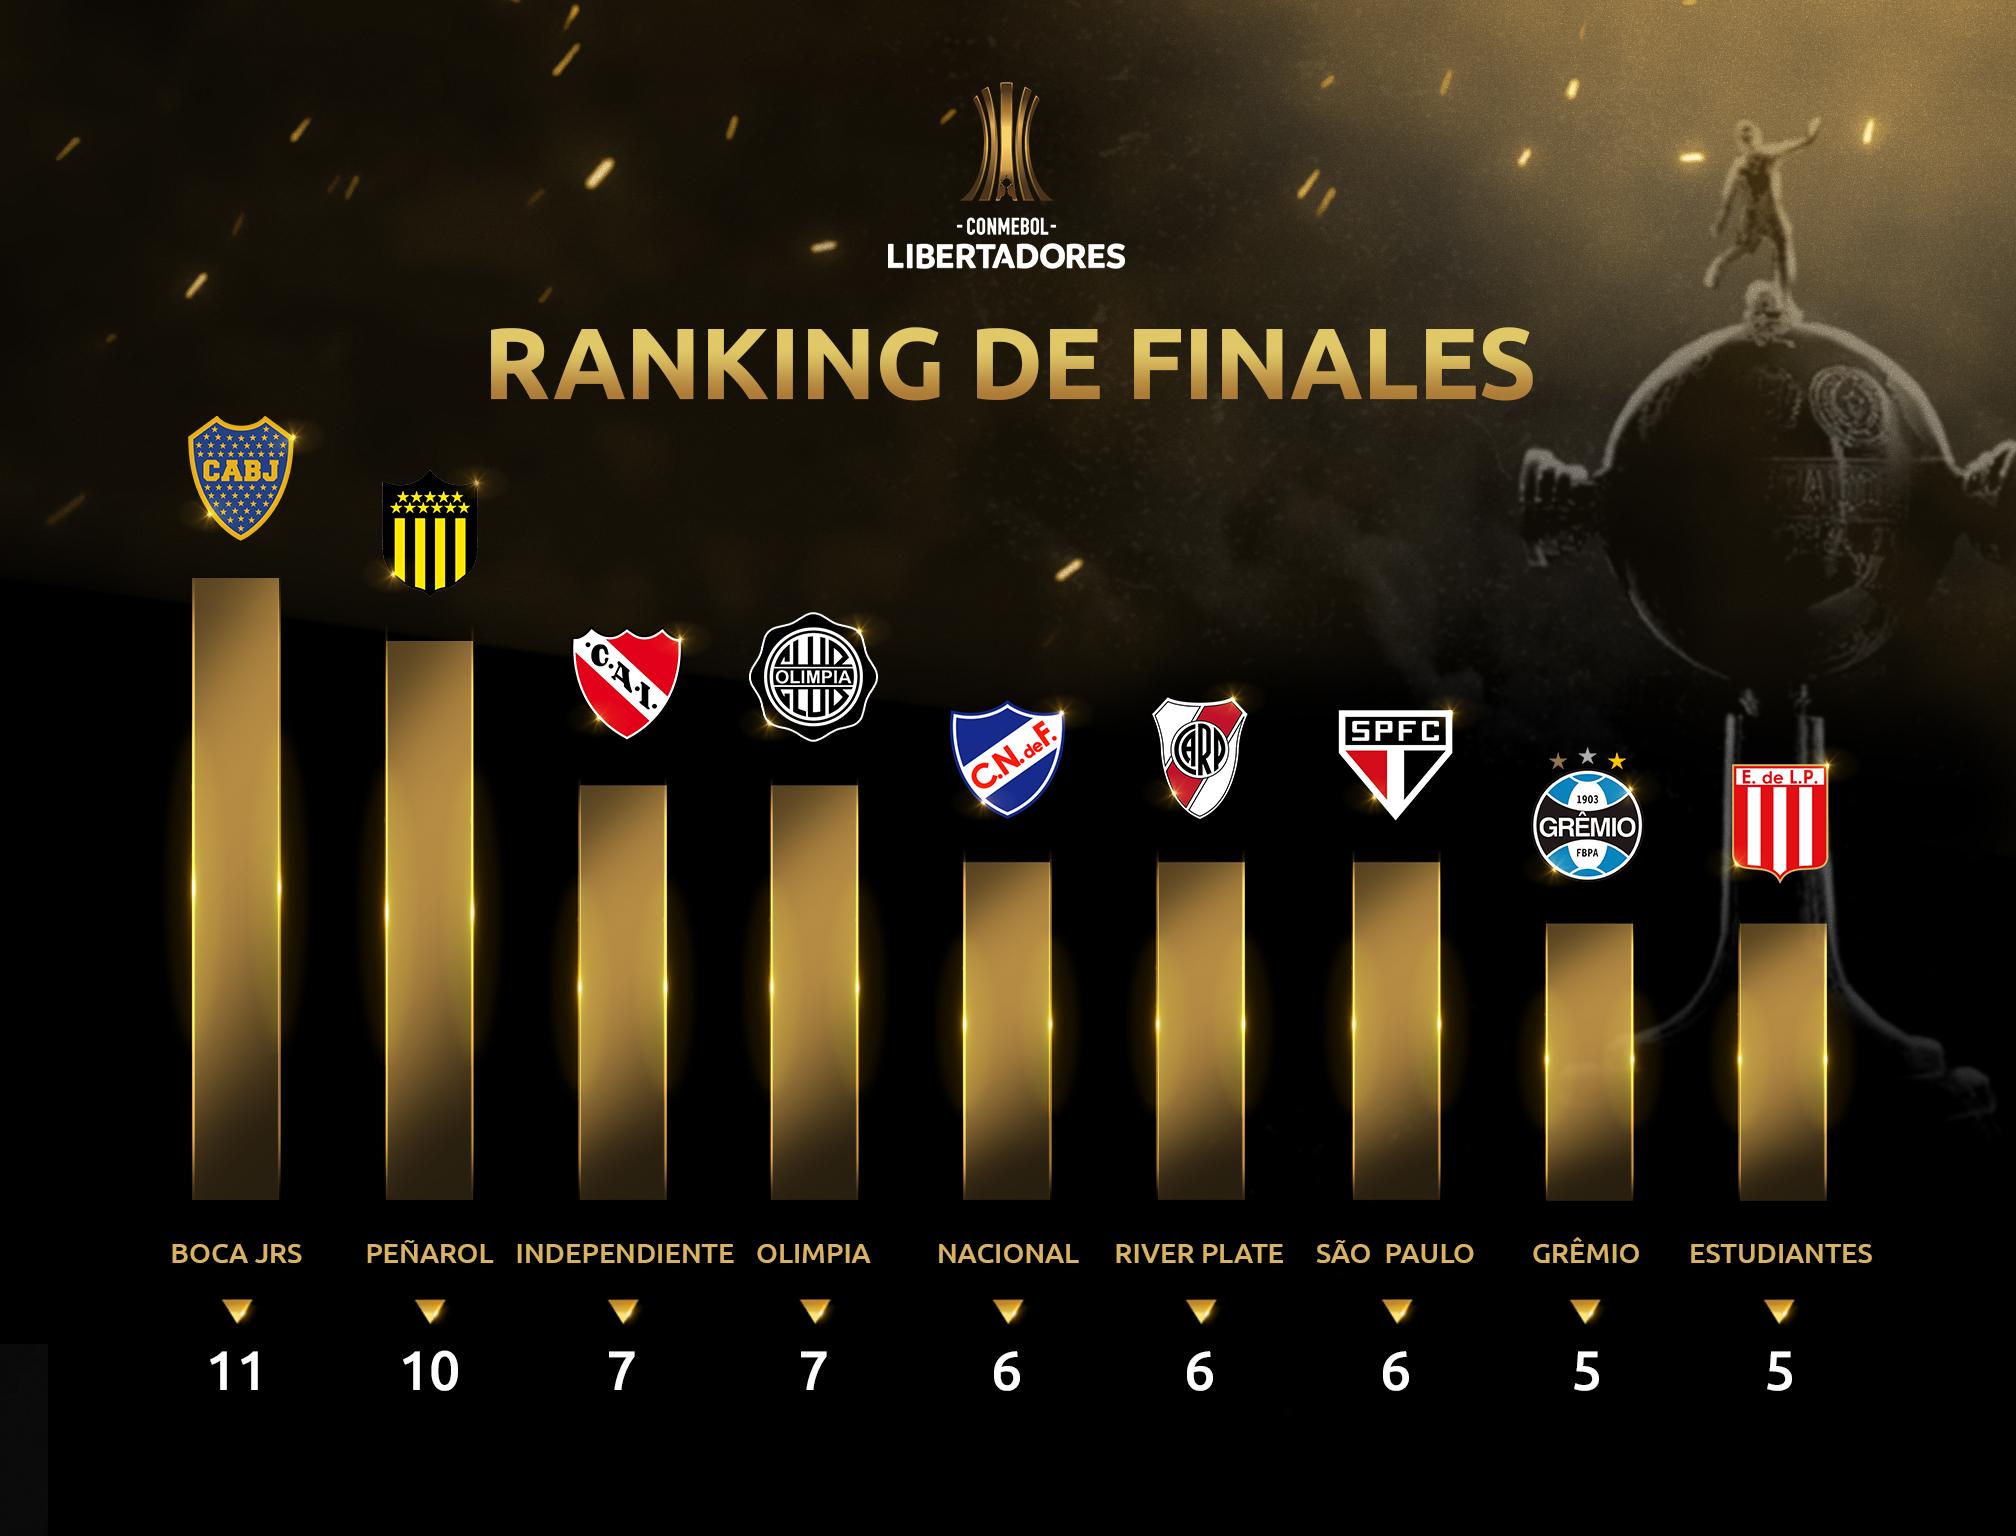 Ranking finales Boca Juniors Copa Libertadores